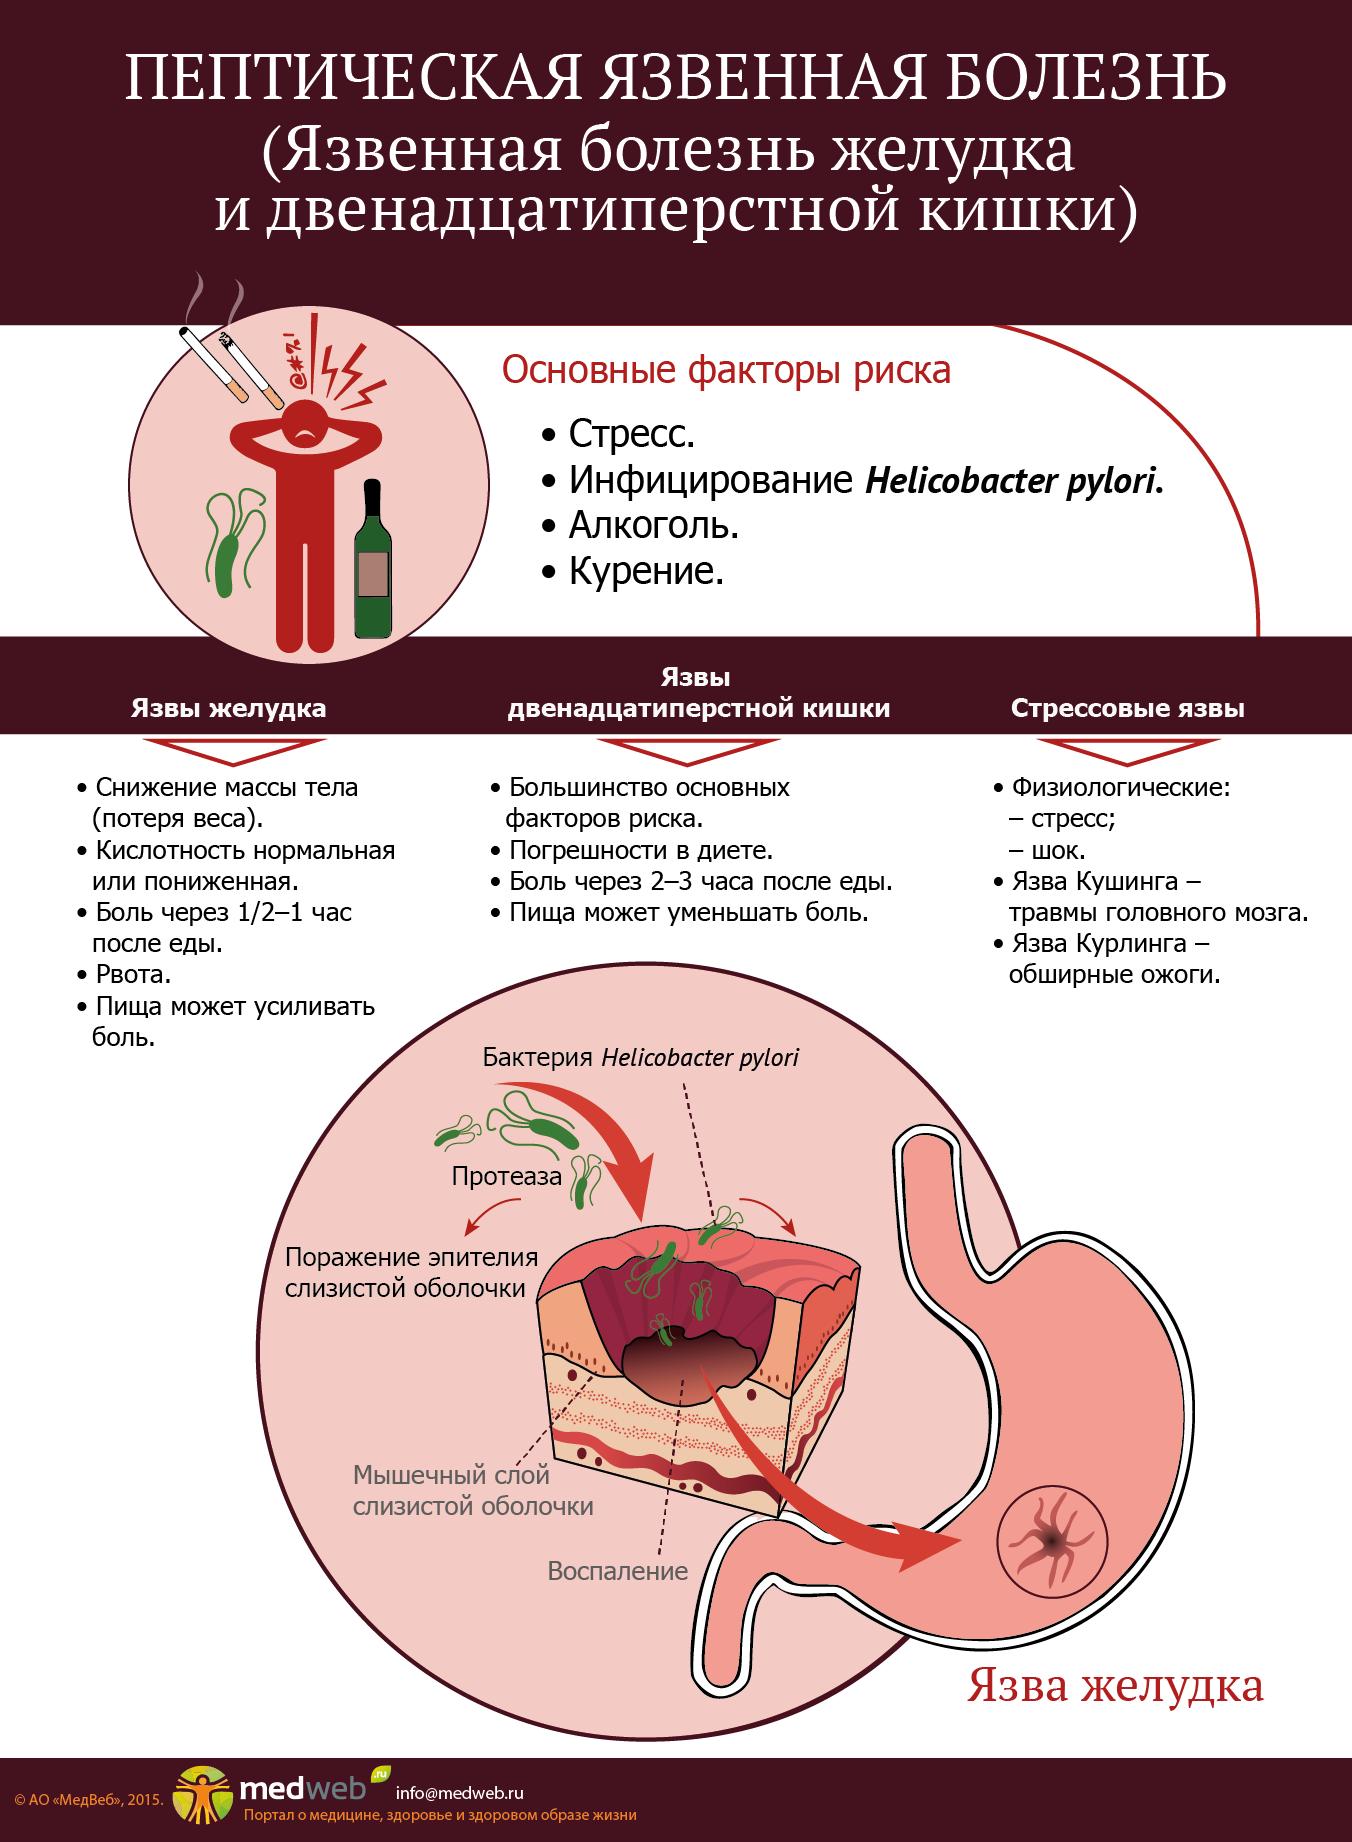 что такое язвенная болезнь желудка